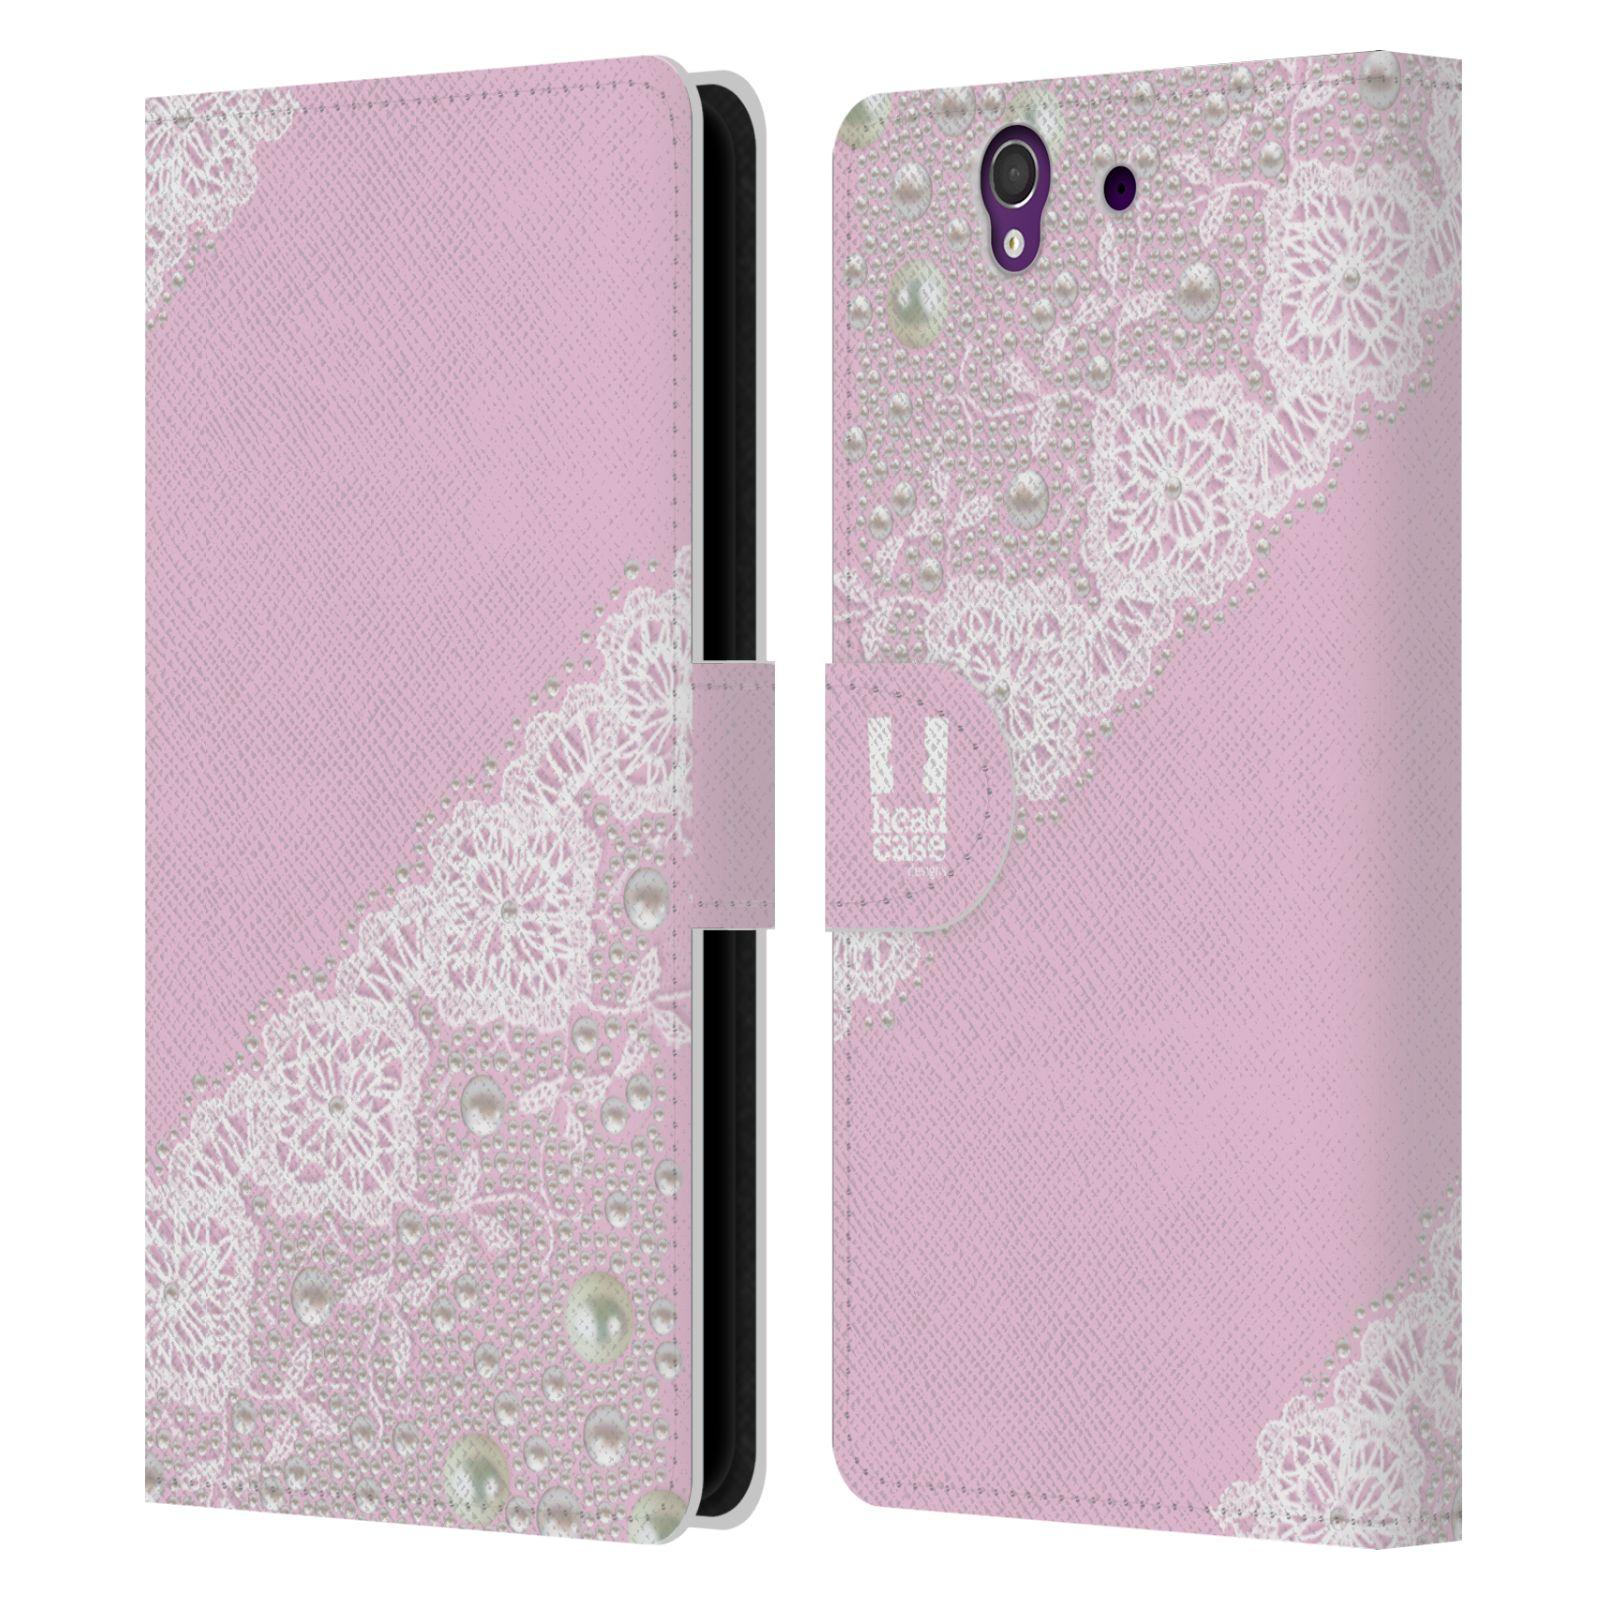 HEAD CASE Flipové pouzdro pro mobil SONY XPERIA Z (C6603) krajka růžová barva